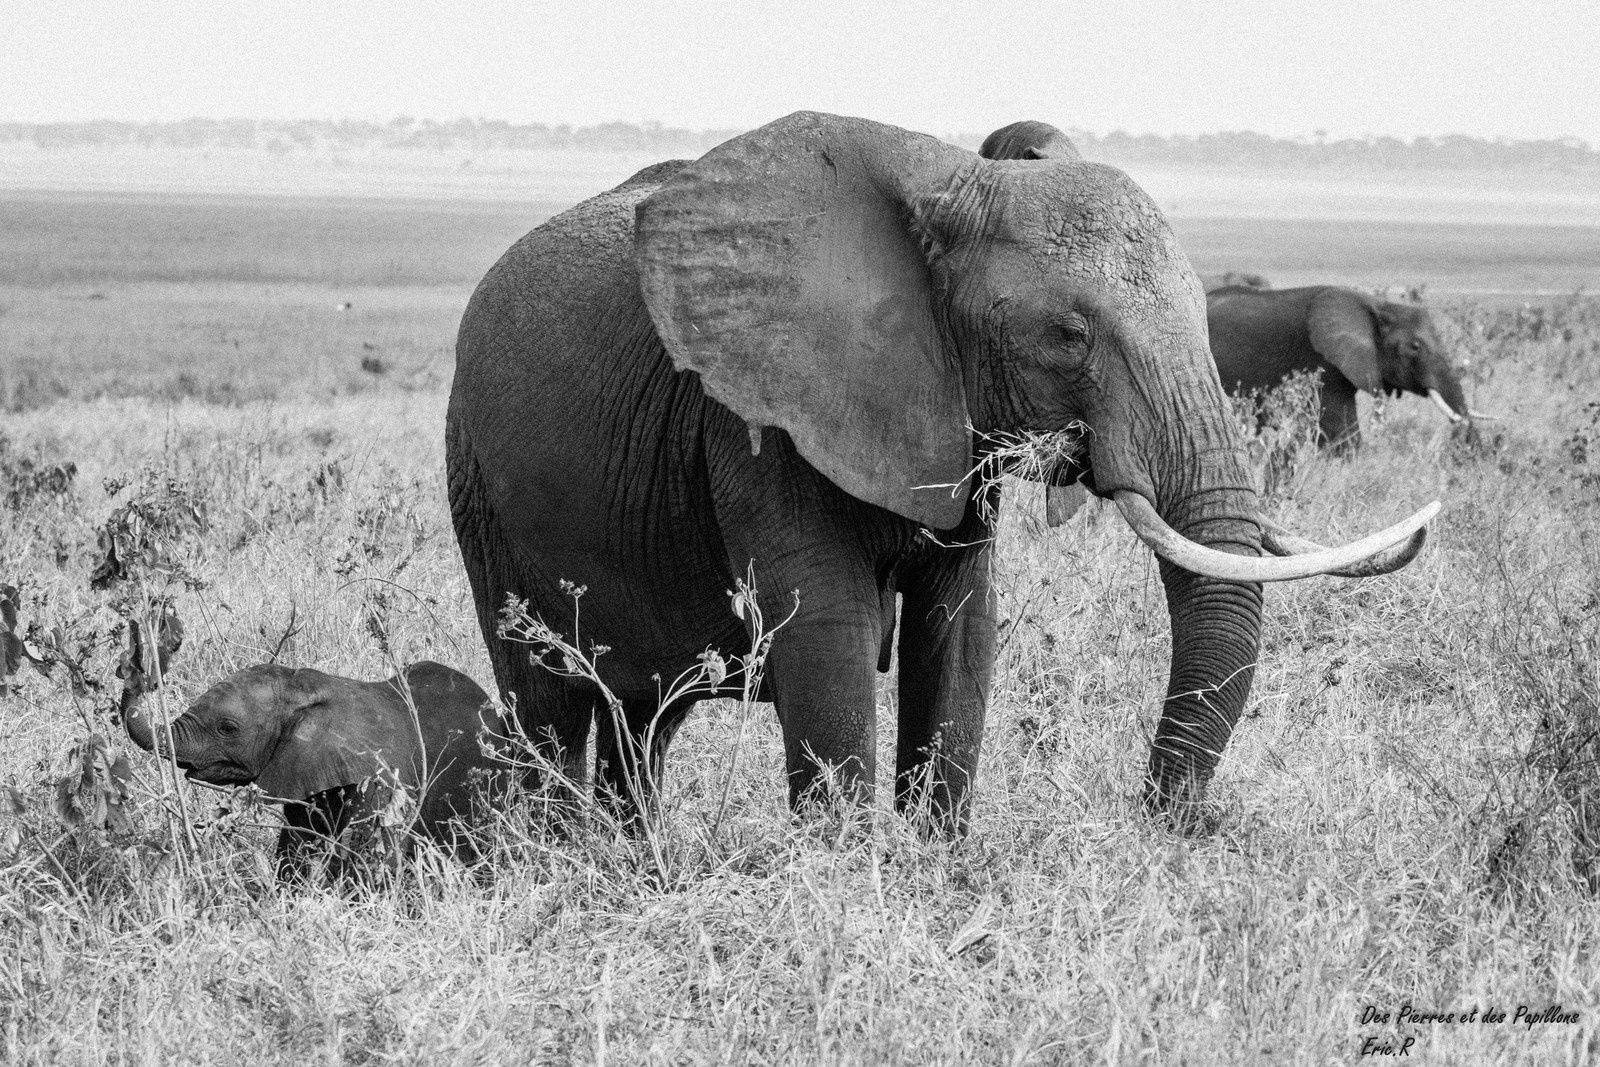 Des éléphanteaux entourés d'adultes.